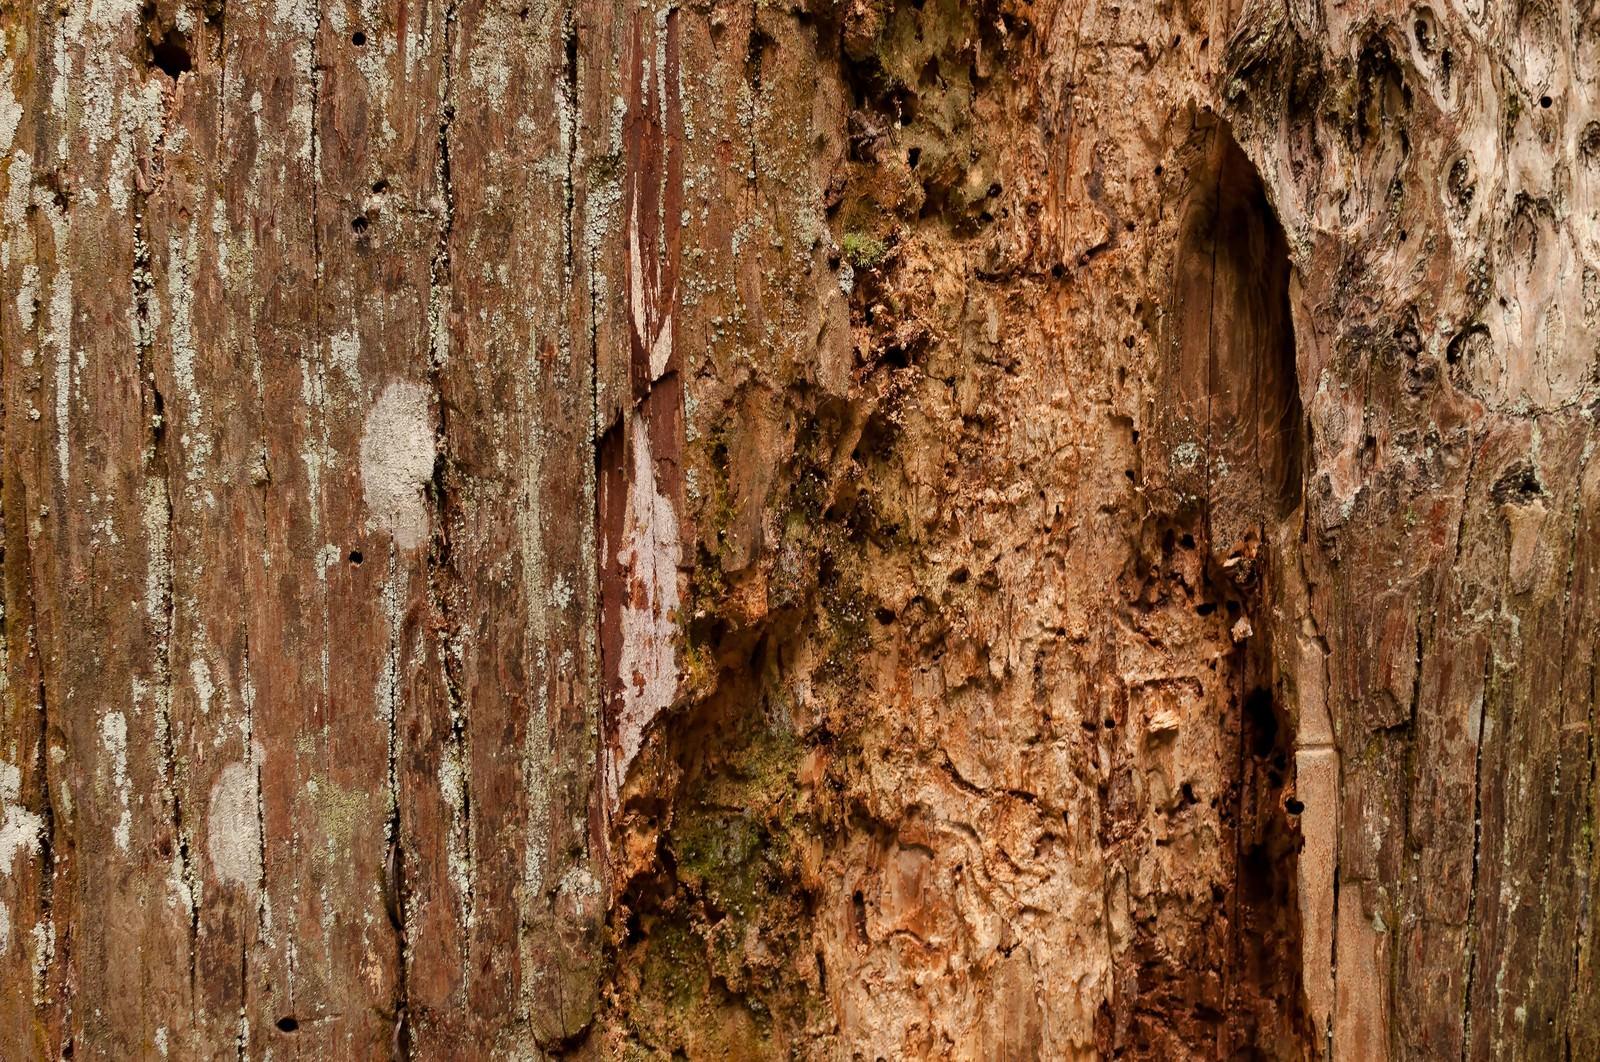 「えぐられた樹の幹(テクスチャー)えぐられた樹の幹(テクスチャー)」のフリー写真素材を拡大